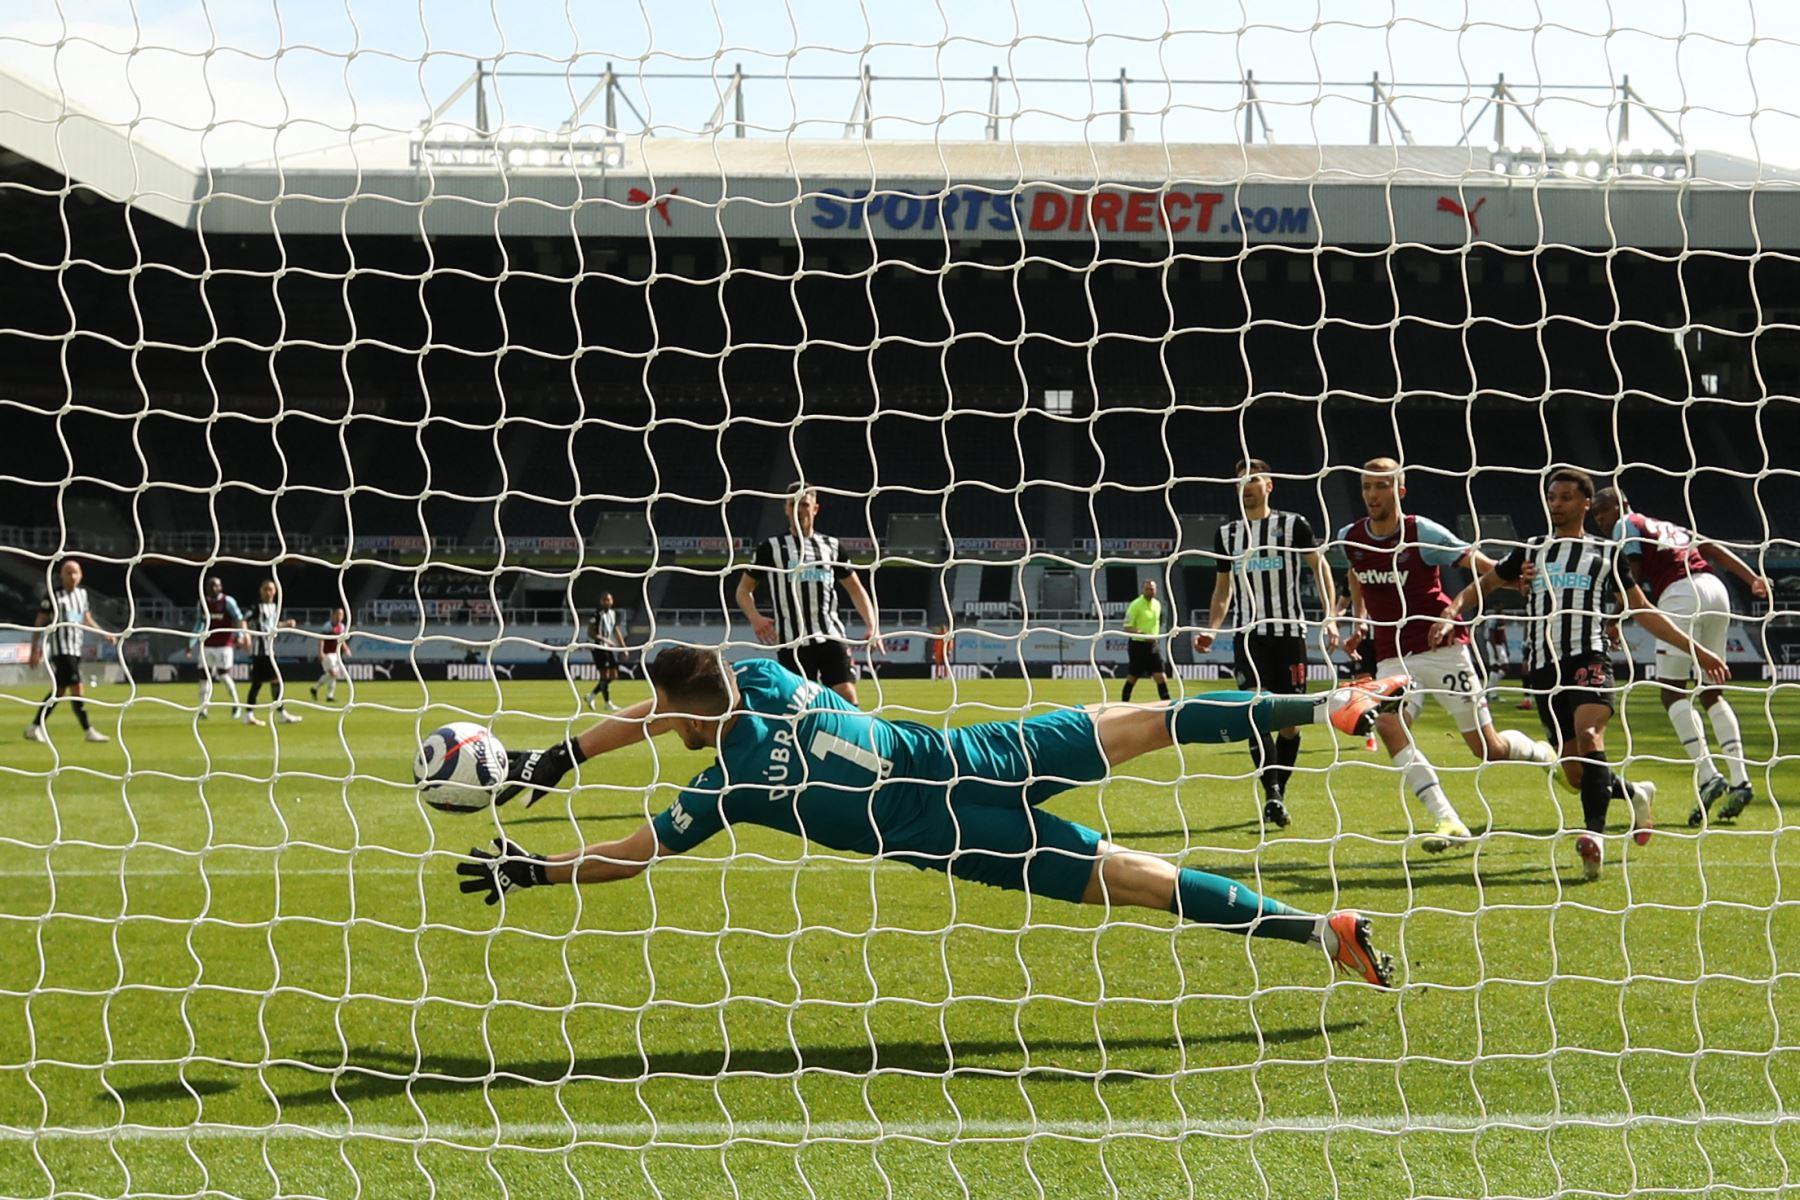 El defensor francés del West Ham United Issa Diop dispara y marca un gol durante el partido de fútbol de la Premier League inglesa entre el Newcastle United y el West Ham United. Foto: AFP